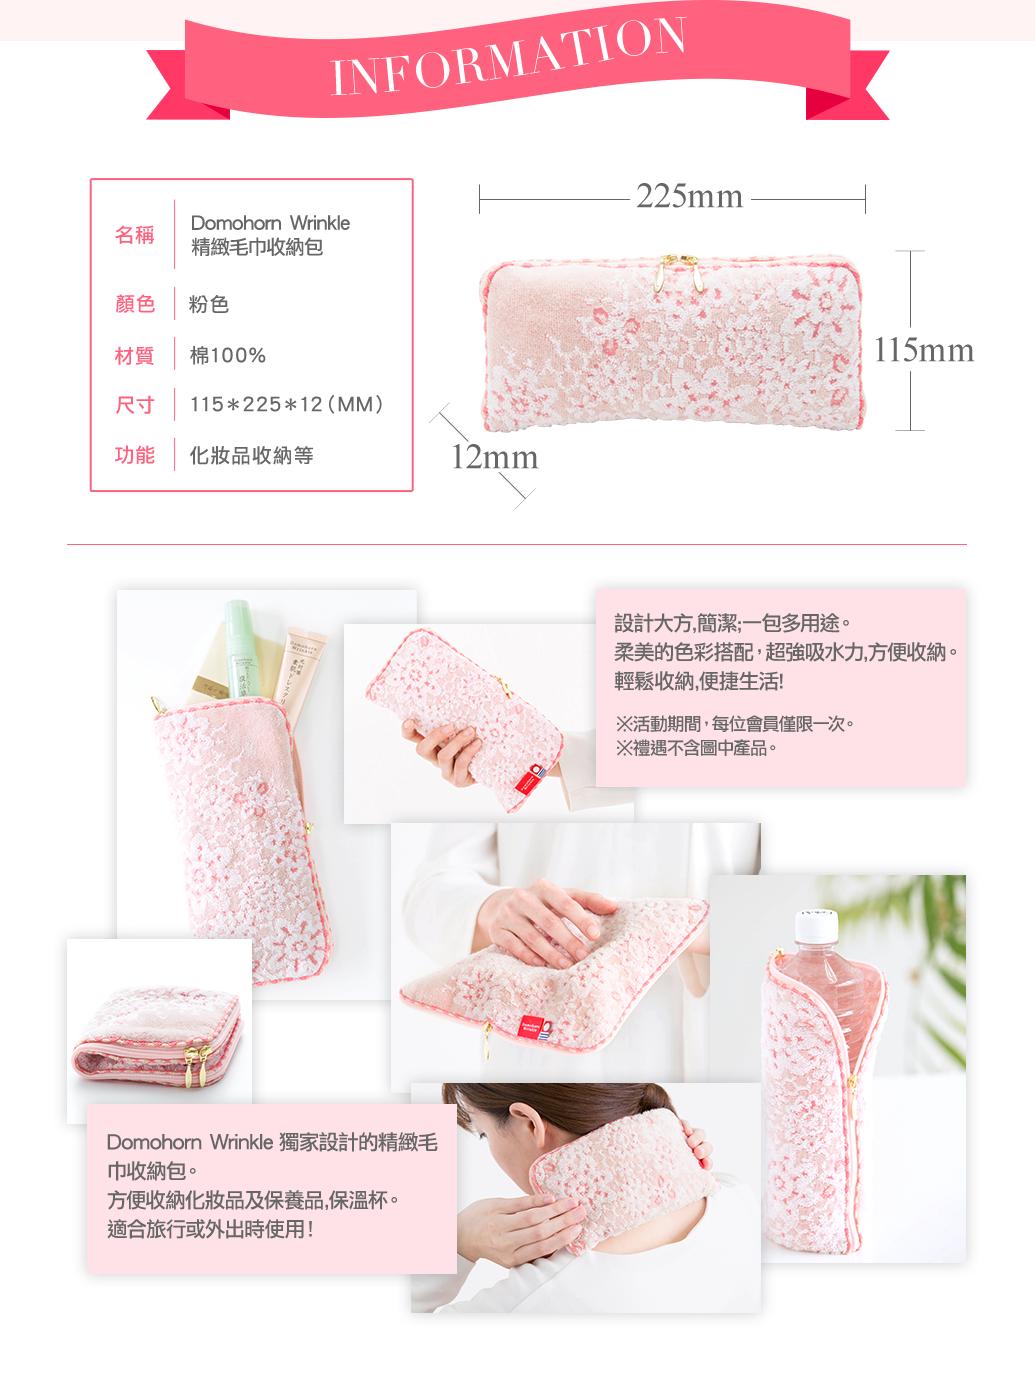 INFORMATION 名稱 Domohorn Wrinkle 精緻毛巾收納包 顏色 粉色 材質 棉100% 尺寸 115*225*12(MM) 功能 化妝品收納等 設計大方,簡潔;一包多用途。柔美的色彩搭配,超強吸水力,方便收納。輕鬆收納,便捷生活! ※活動期間,每位會員僅限一次。 ※禮遇不含圖中產品。 Domohorn Wrinkle 獨家設計的精緻毛巾收納包。 方便收納化妝品及保養品,保溫杯。 適合旅行或外出時使用!